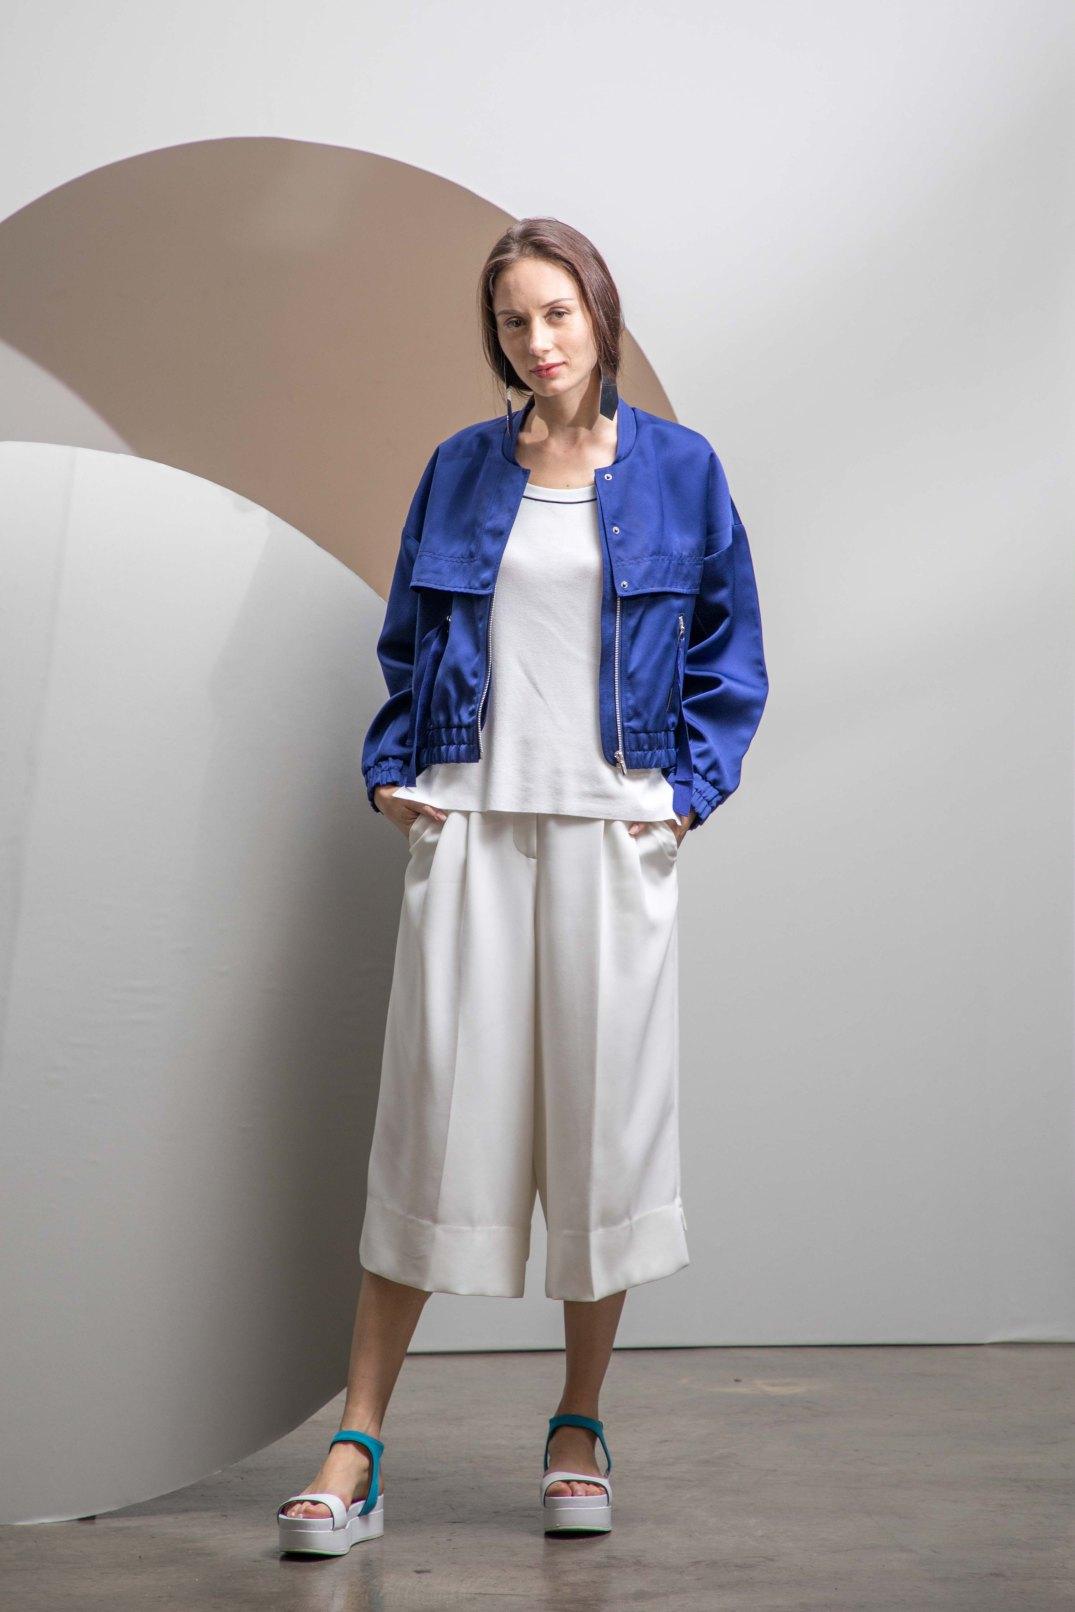 時裝服裝攝影 fashion Photography_-4